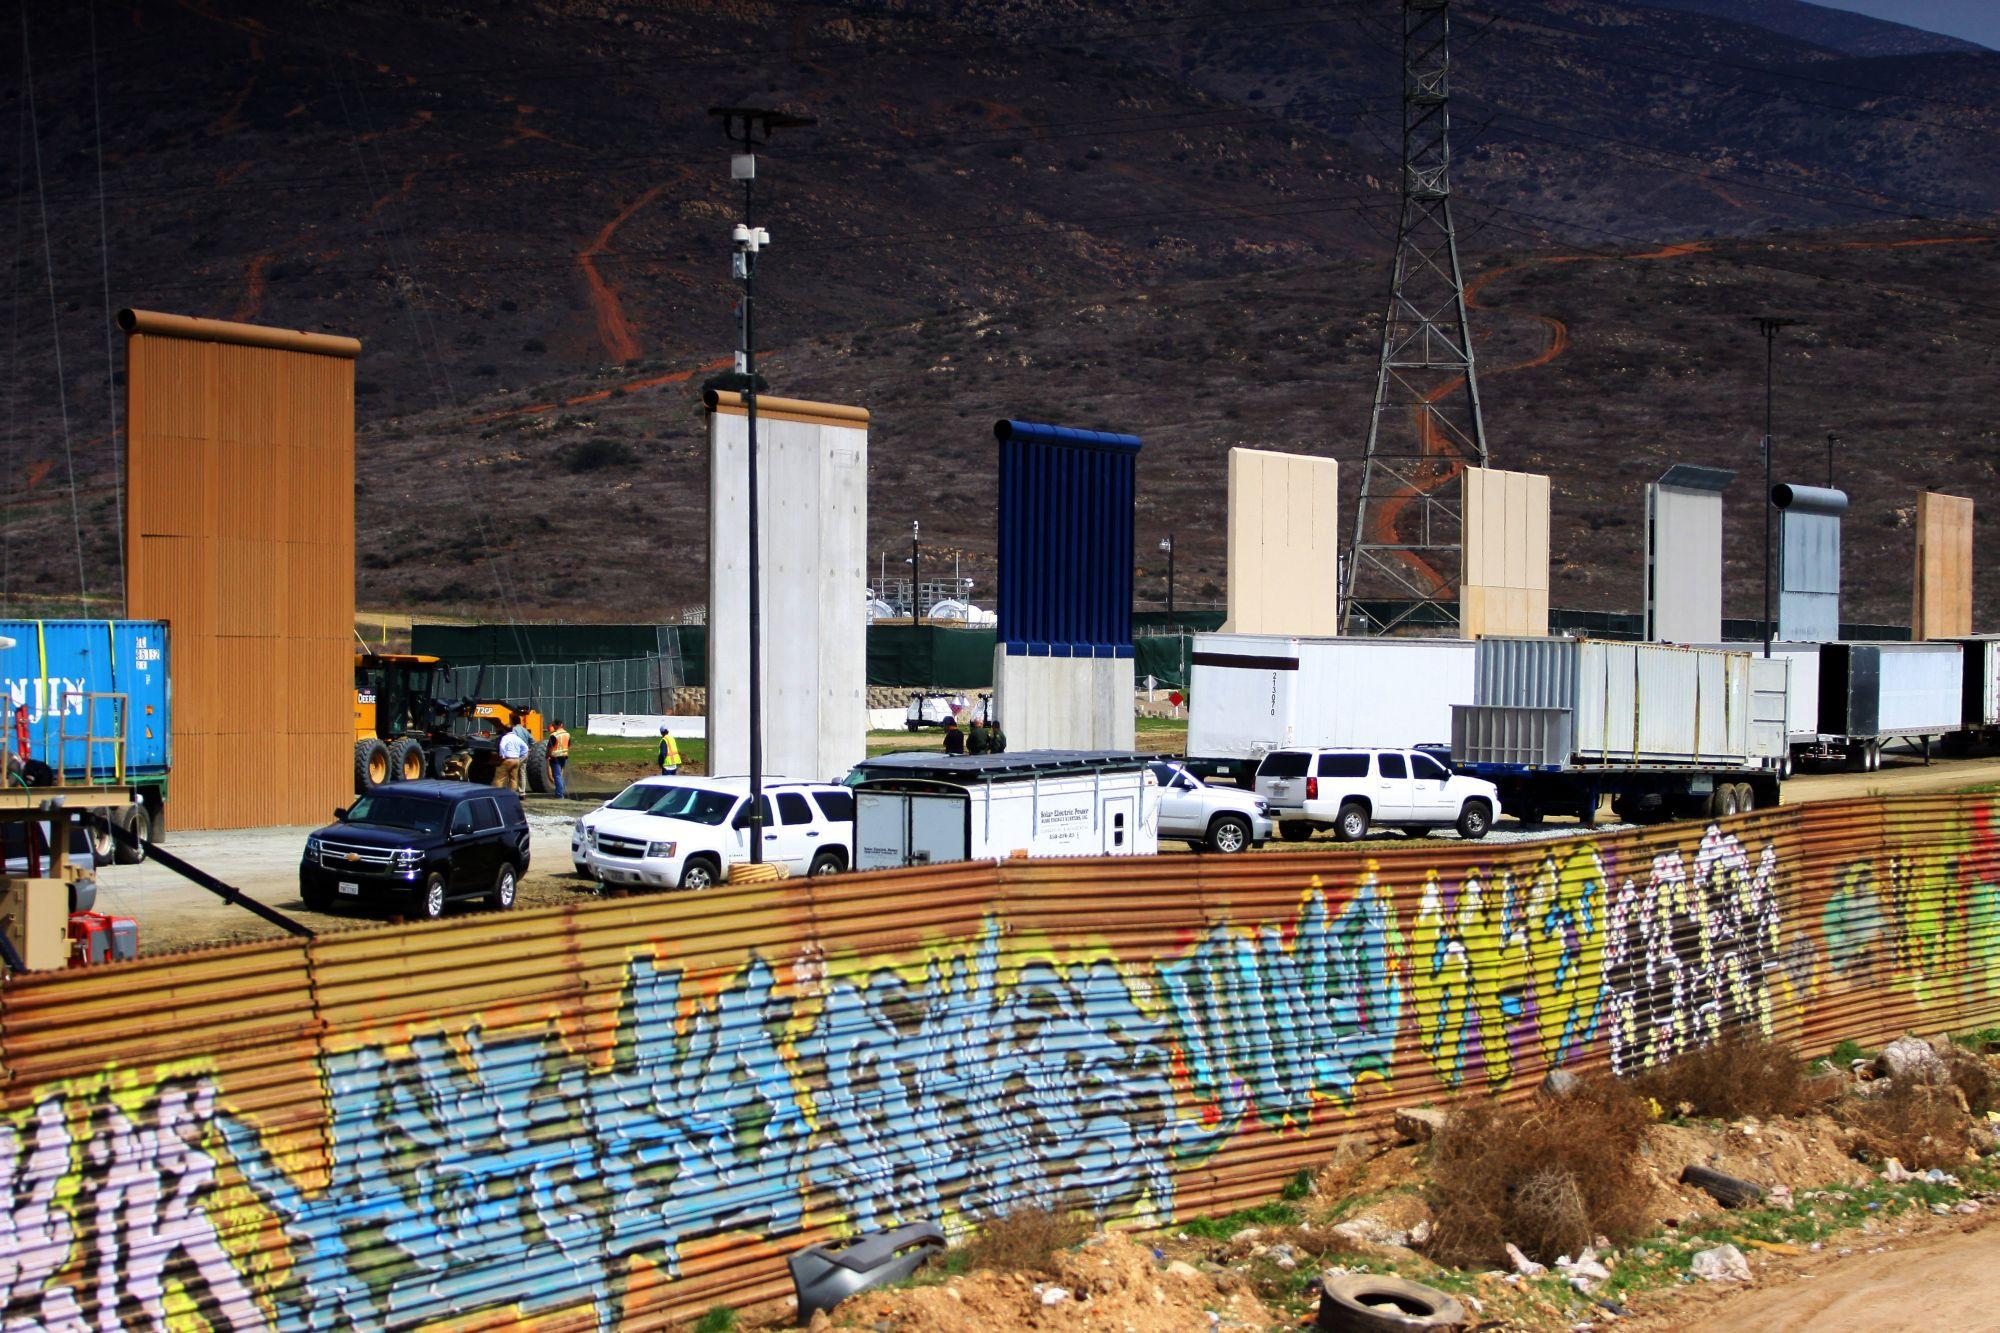 A tervezett mexikói fal elemeinek prototípusai a határ mentén, Las Torres felől, Mexikóból nézve, 2018. március 12-én. EPA/ALEJANDRO ZEPEDA